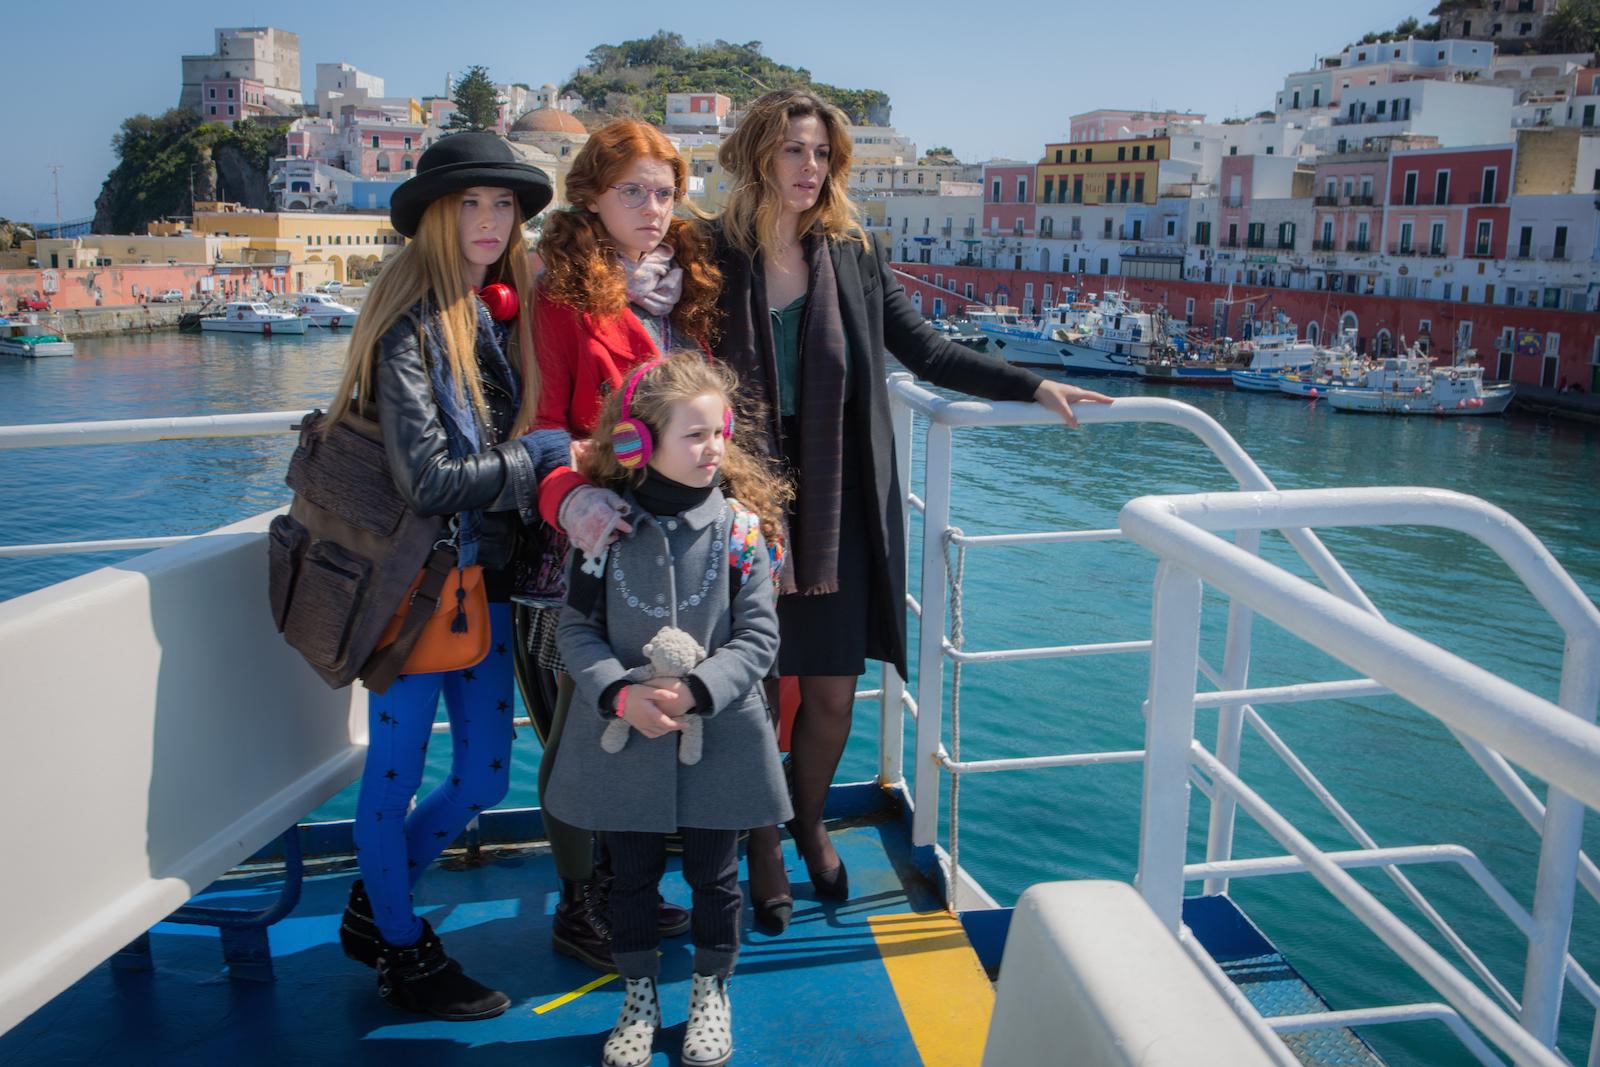 Un'altra vita: Vanessa Incontrada, Ludovica Bizzaglia, Claudia Alfonso e la piccola Giulia Cappelletti nella fiction